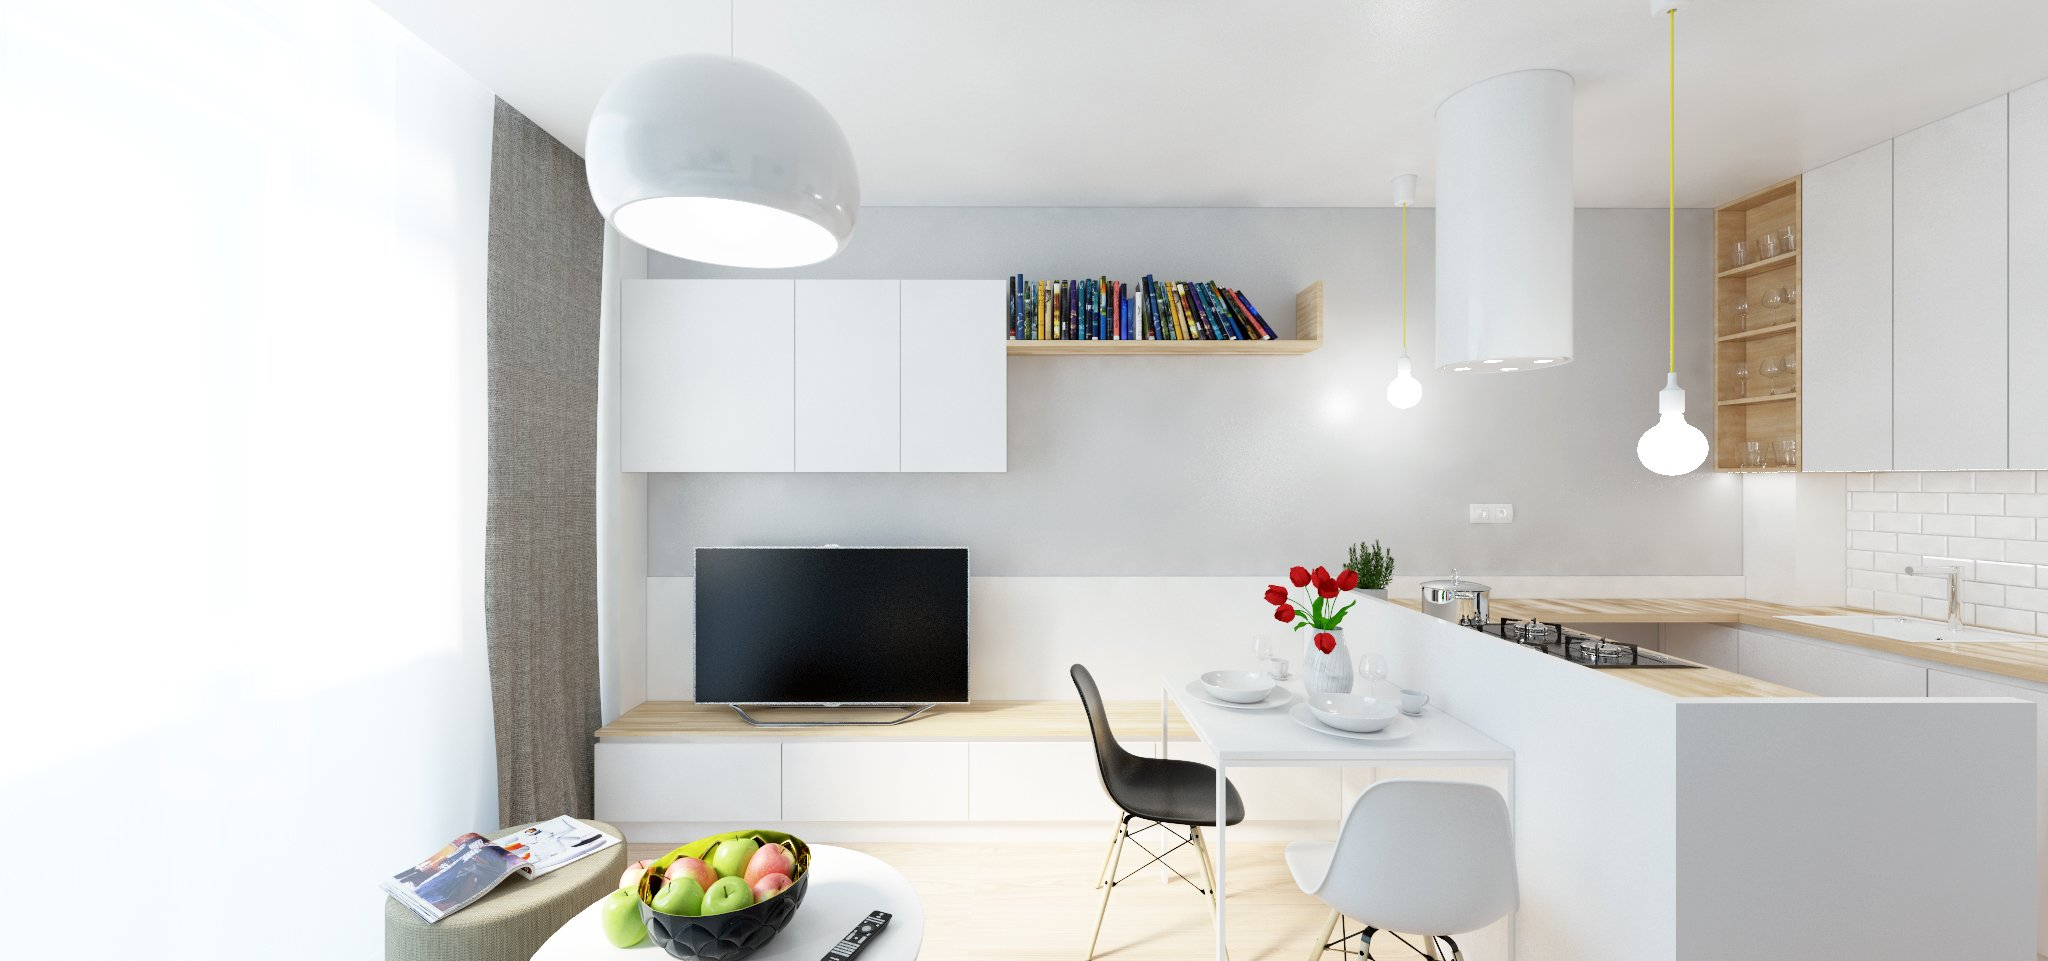 Hravý, útulný a originálny! Byt v Centre Bratislavy s minimálnou plochou je rekonštrukcia bytu s úplnou zmenou dispozície. Pôvodná nefunkčná dispozícia 1…